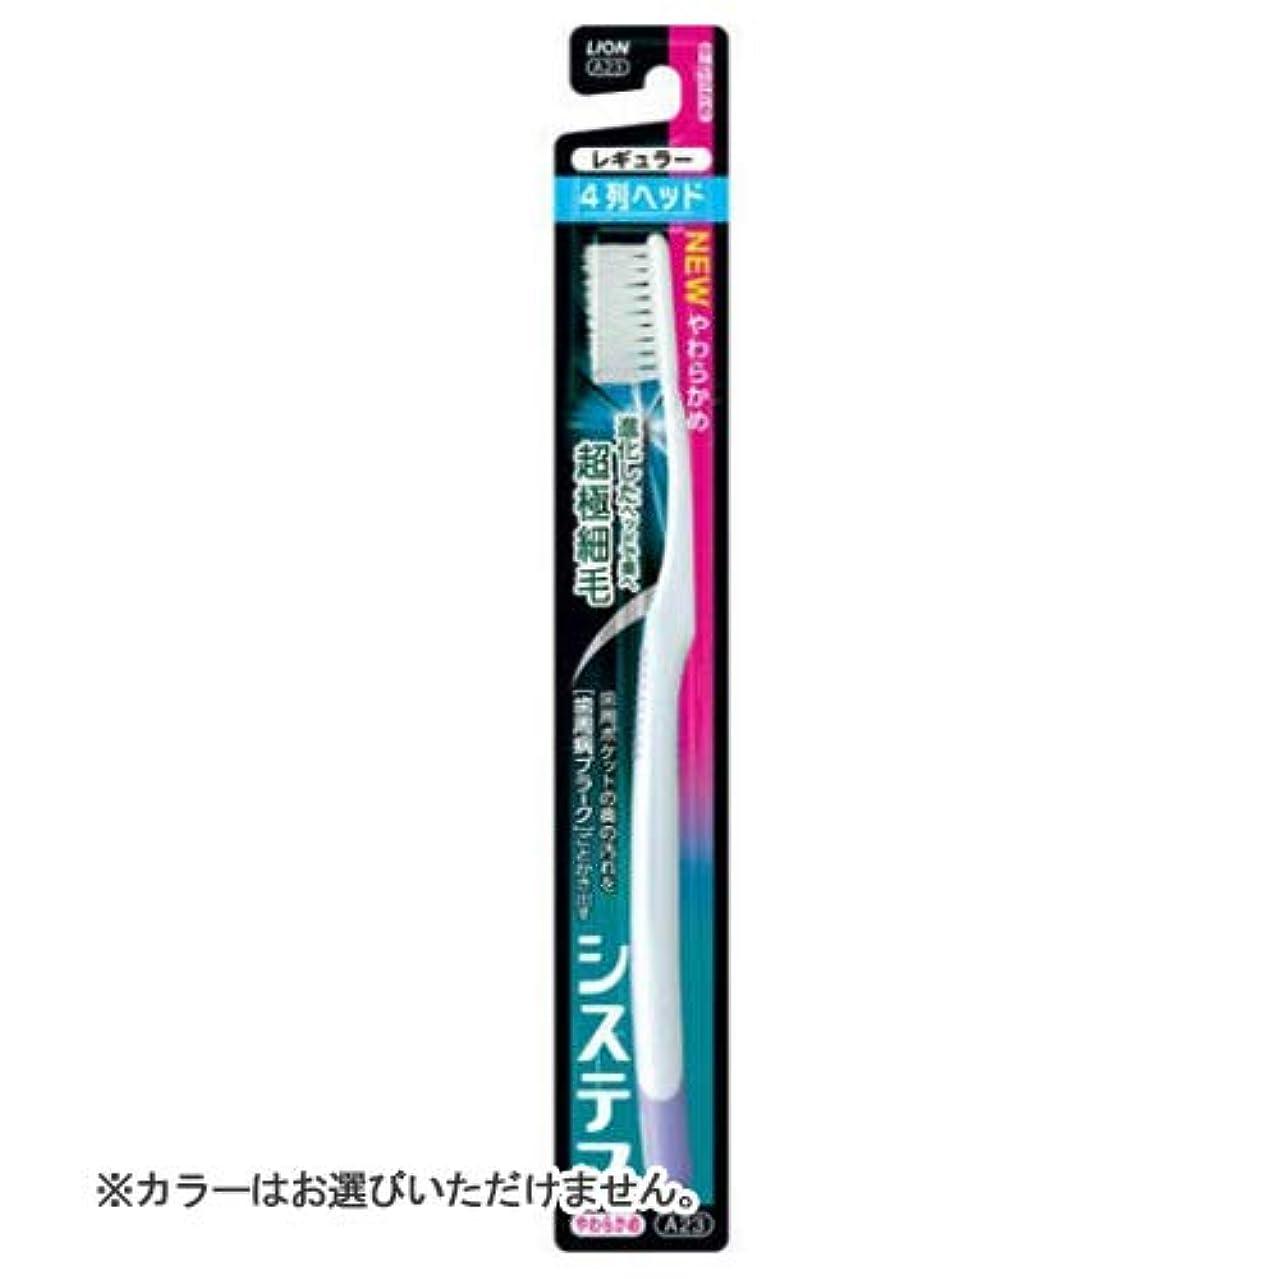 保証金カヌー中国ライオン システマ ハブラシ レギュラー4列 やわらかめ (1本) 大人用 歯ブラシ